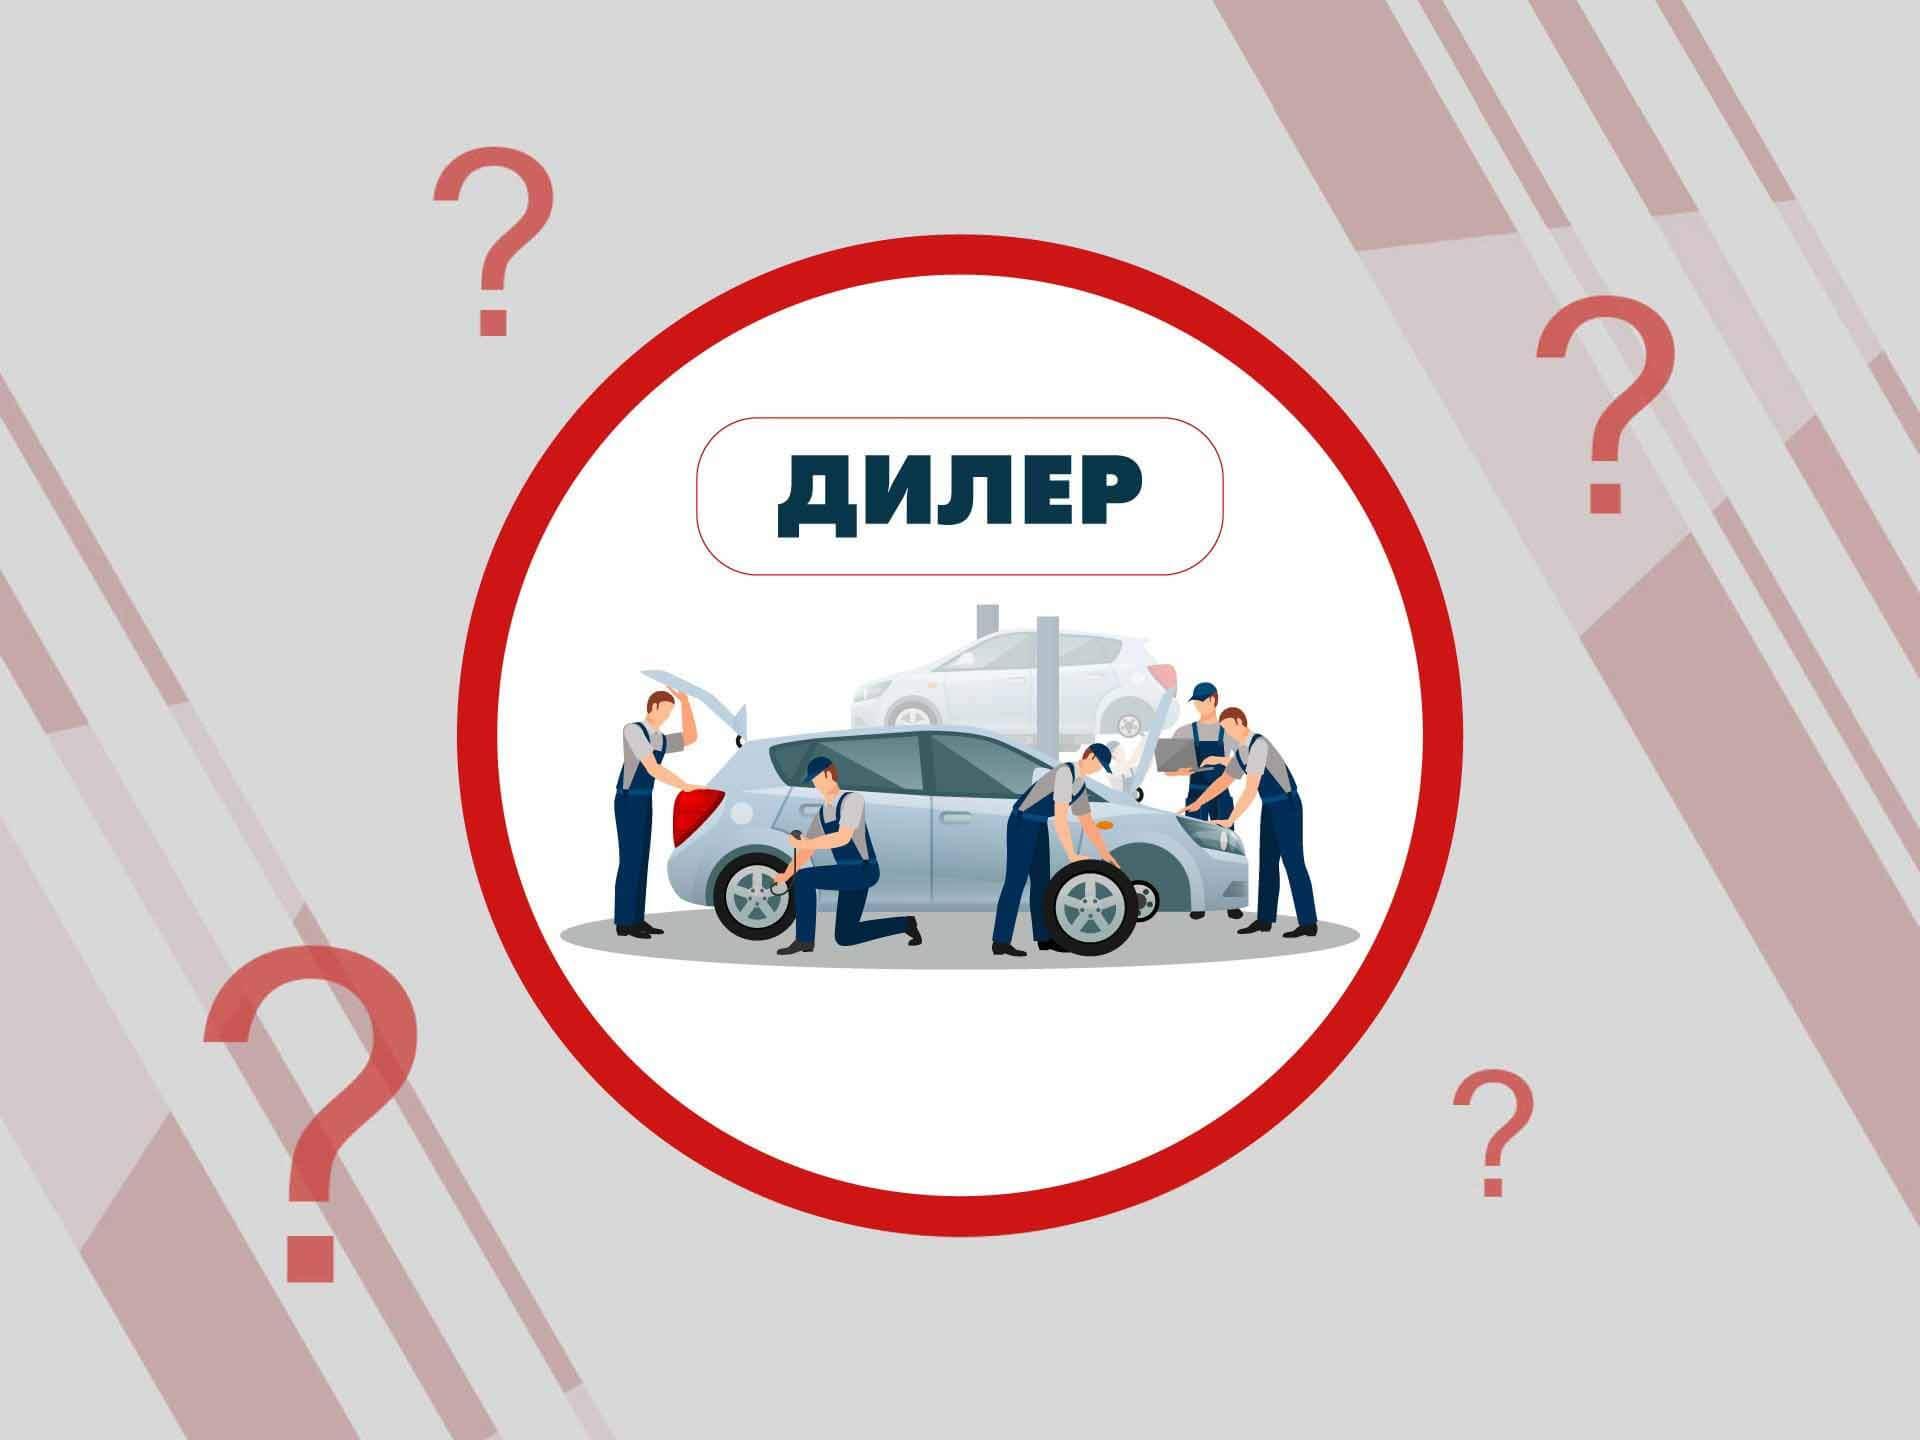 Что будет, если не будет обслужен официальный дилер при покупке нового автомобиля